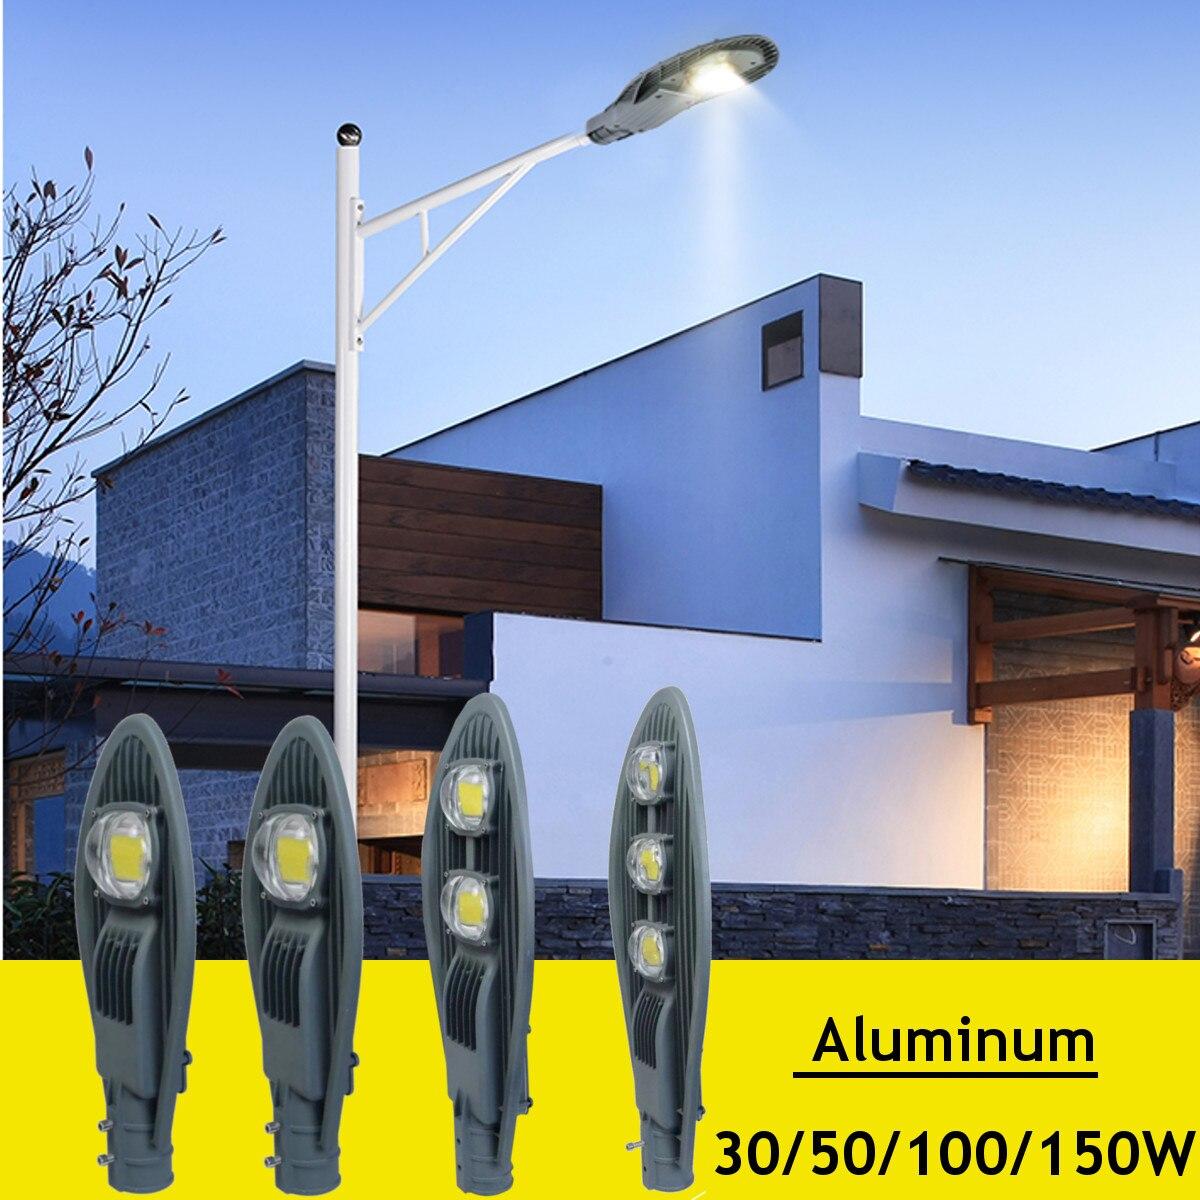 30/50/100W étanche zone de lampadaire LED Parking cour grange extérieure applique murale jardin industriel carré autoroute route lampe